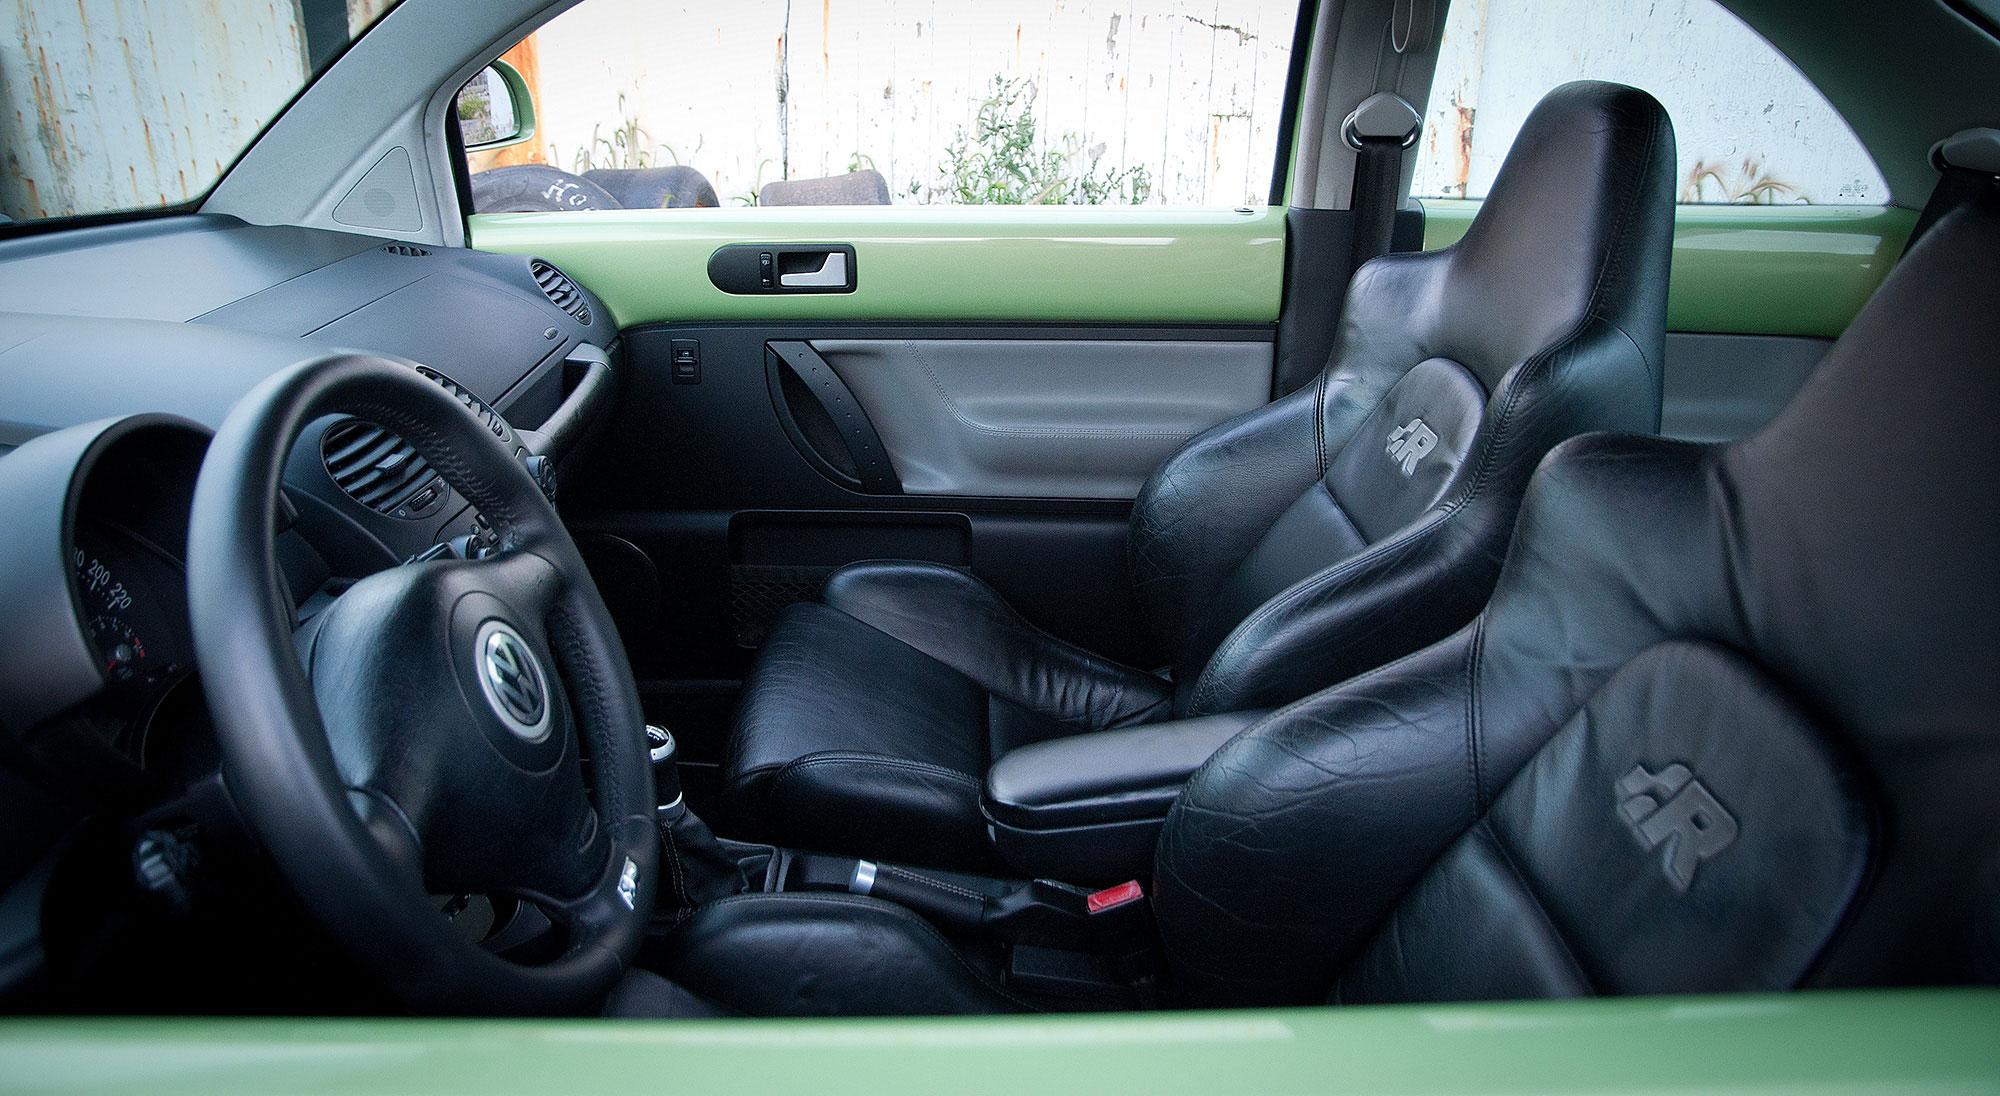 Auto seat repair jacksonville fl 11